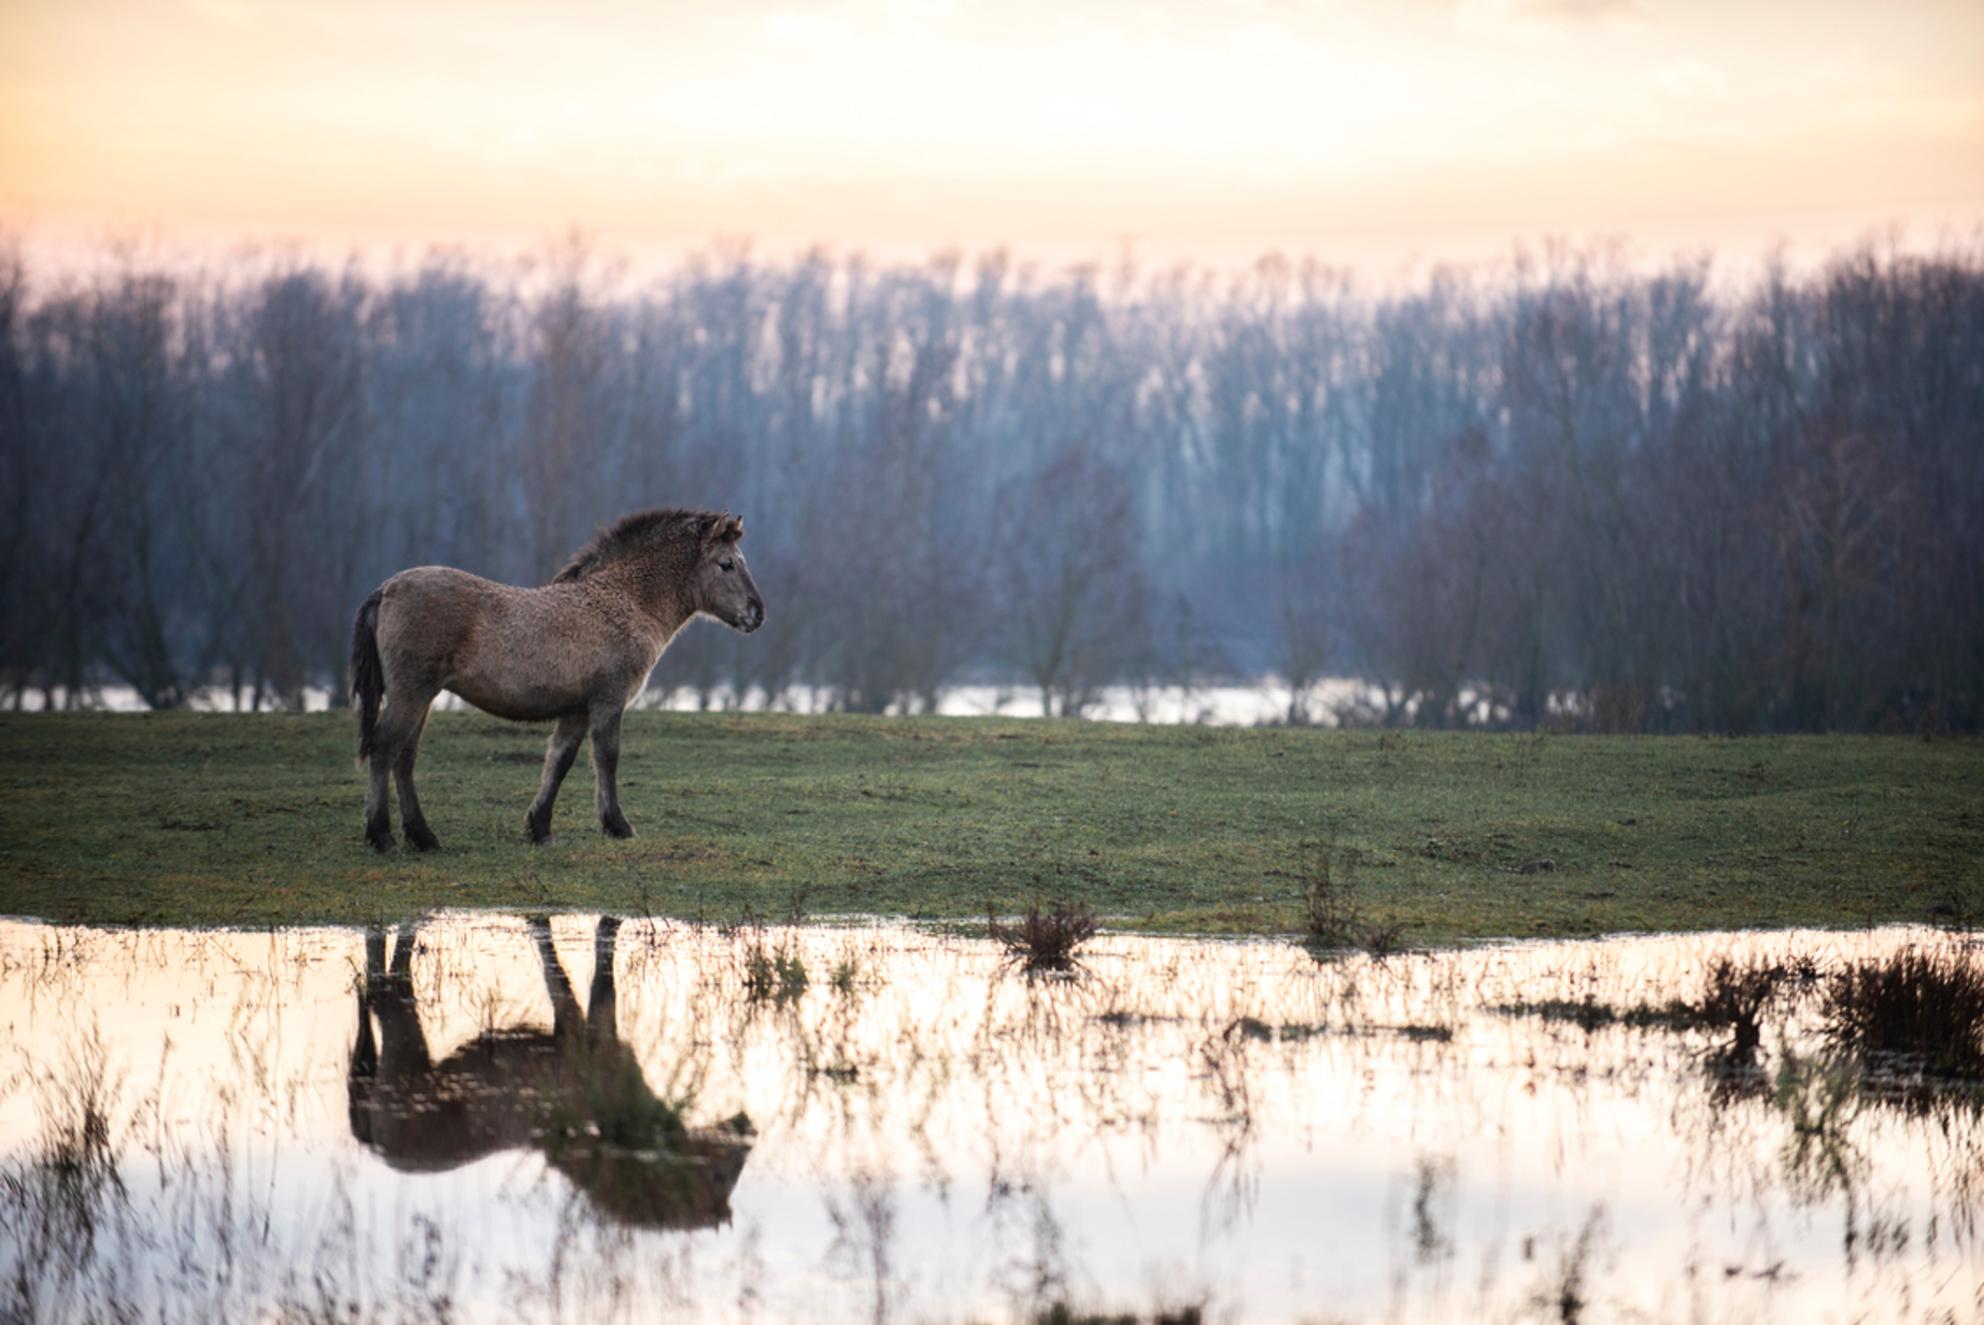 Reflections - In een natuurgebied aan de maas in Limburg staat een kleine kudde van koninkspaarden. Deze paarden leven in een 'wilde' kudde. Na een regenachtige pe - foto door Daniqueotten op 12-01-2021 - deze foto bevat: water, natuur, regen, paard, zonsondergang, reflectie, landschap, kudde, plas, koningspaard, wilde paarden - Deze foto mag gebruikt worden in een Zoom.nl publicatie